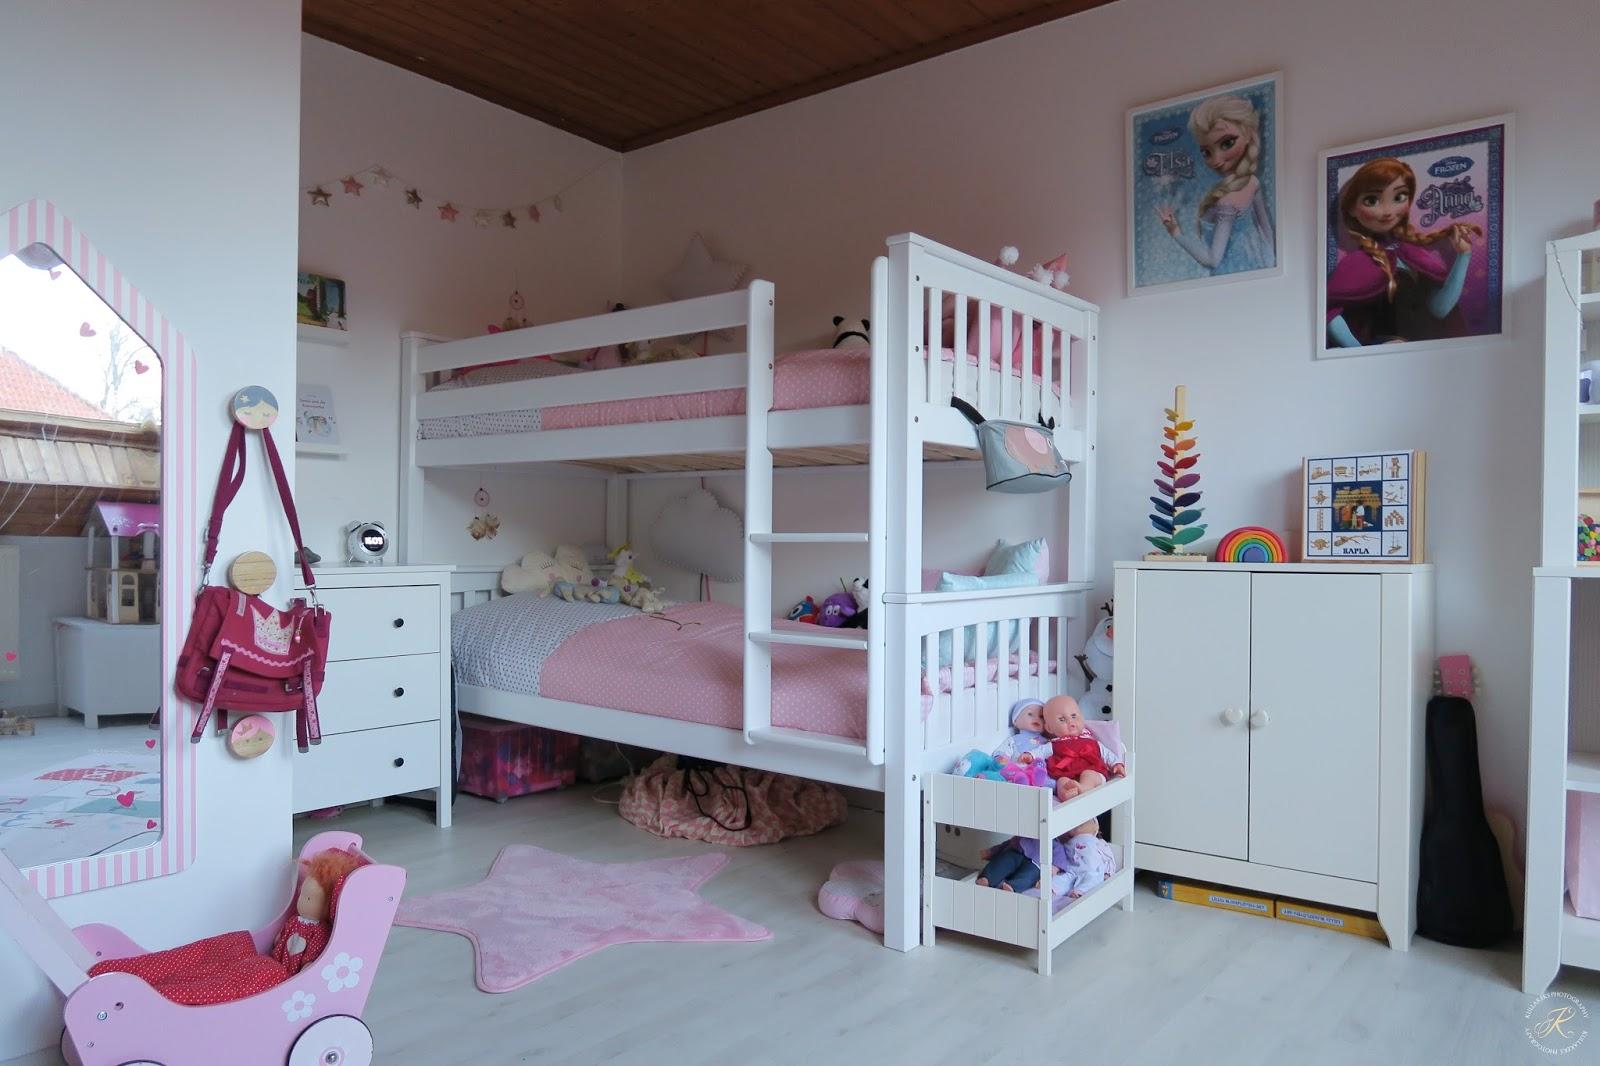 Etagenbett Für Zwei Kinder : Etagenbett interbeds safe play